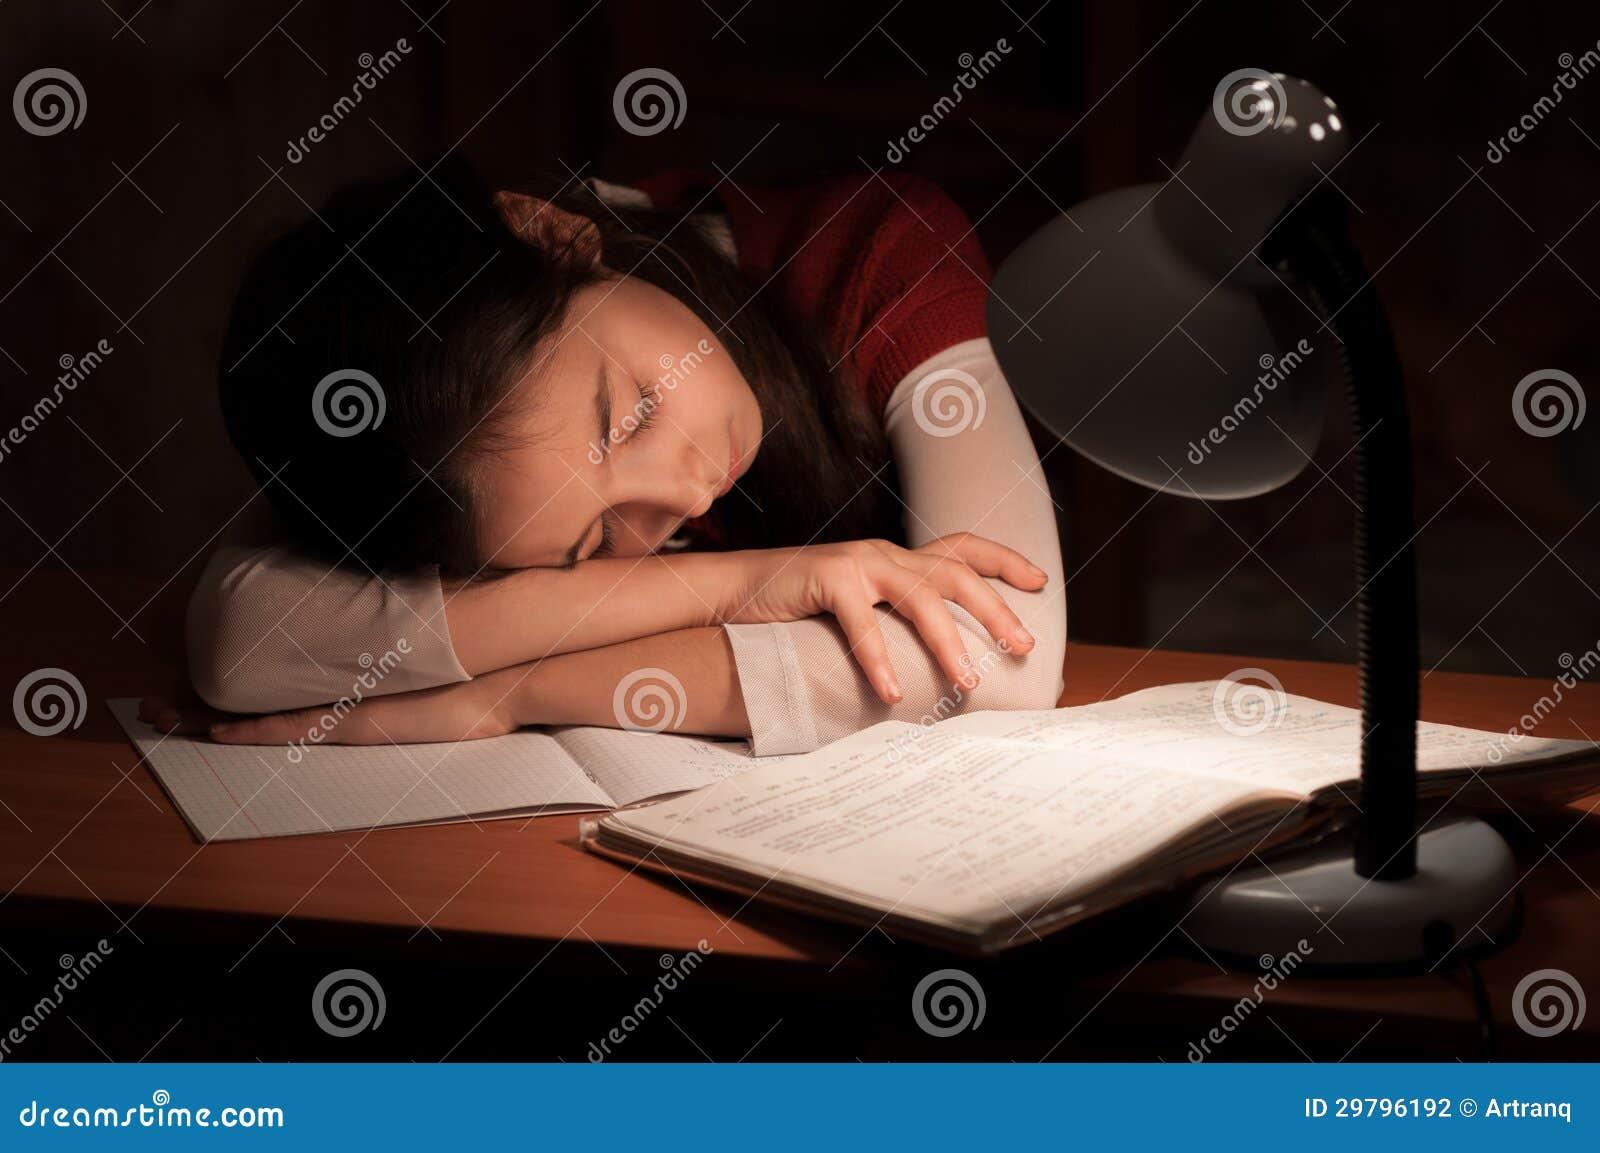 Photos de fille endormie